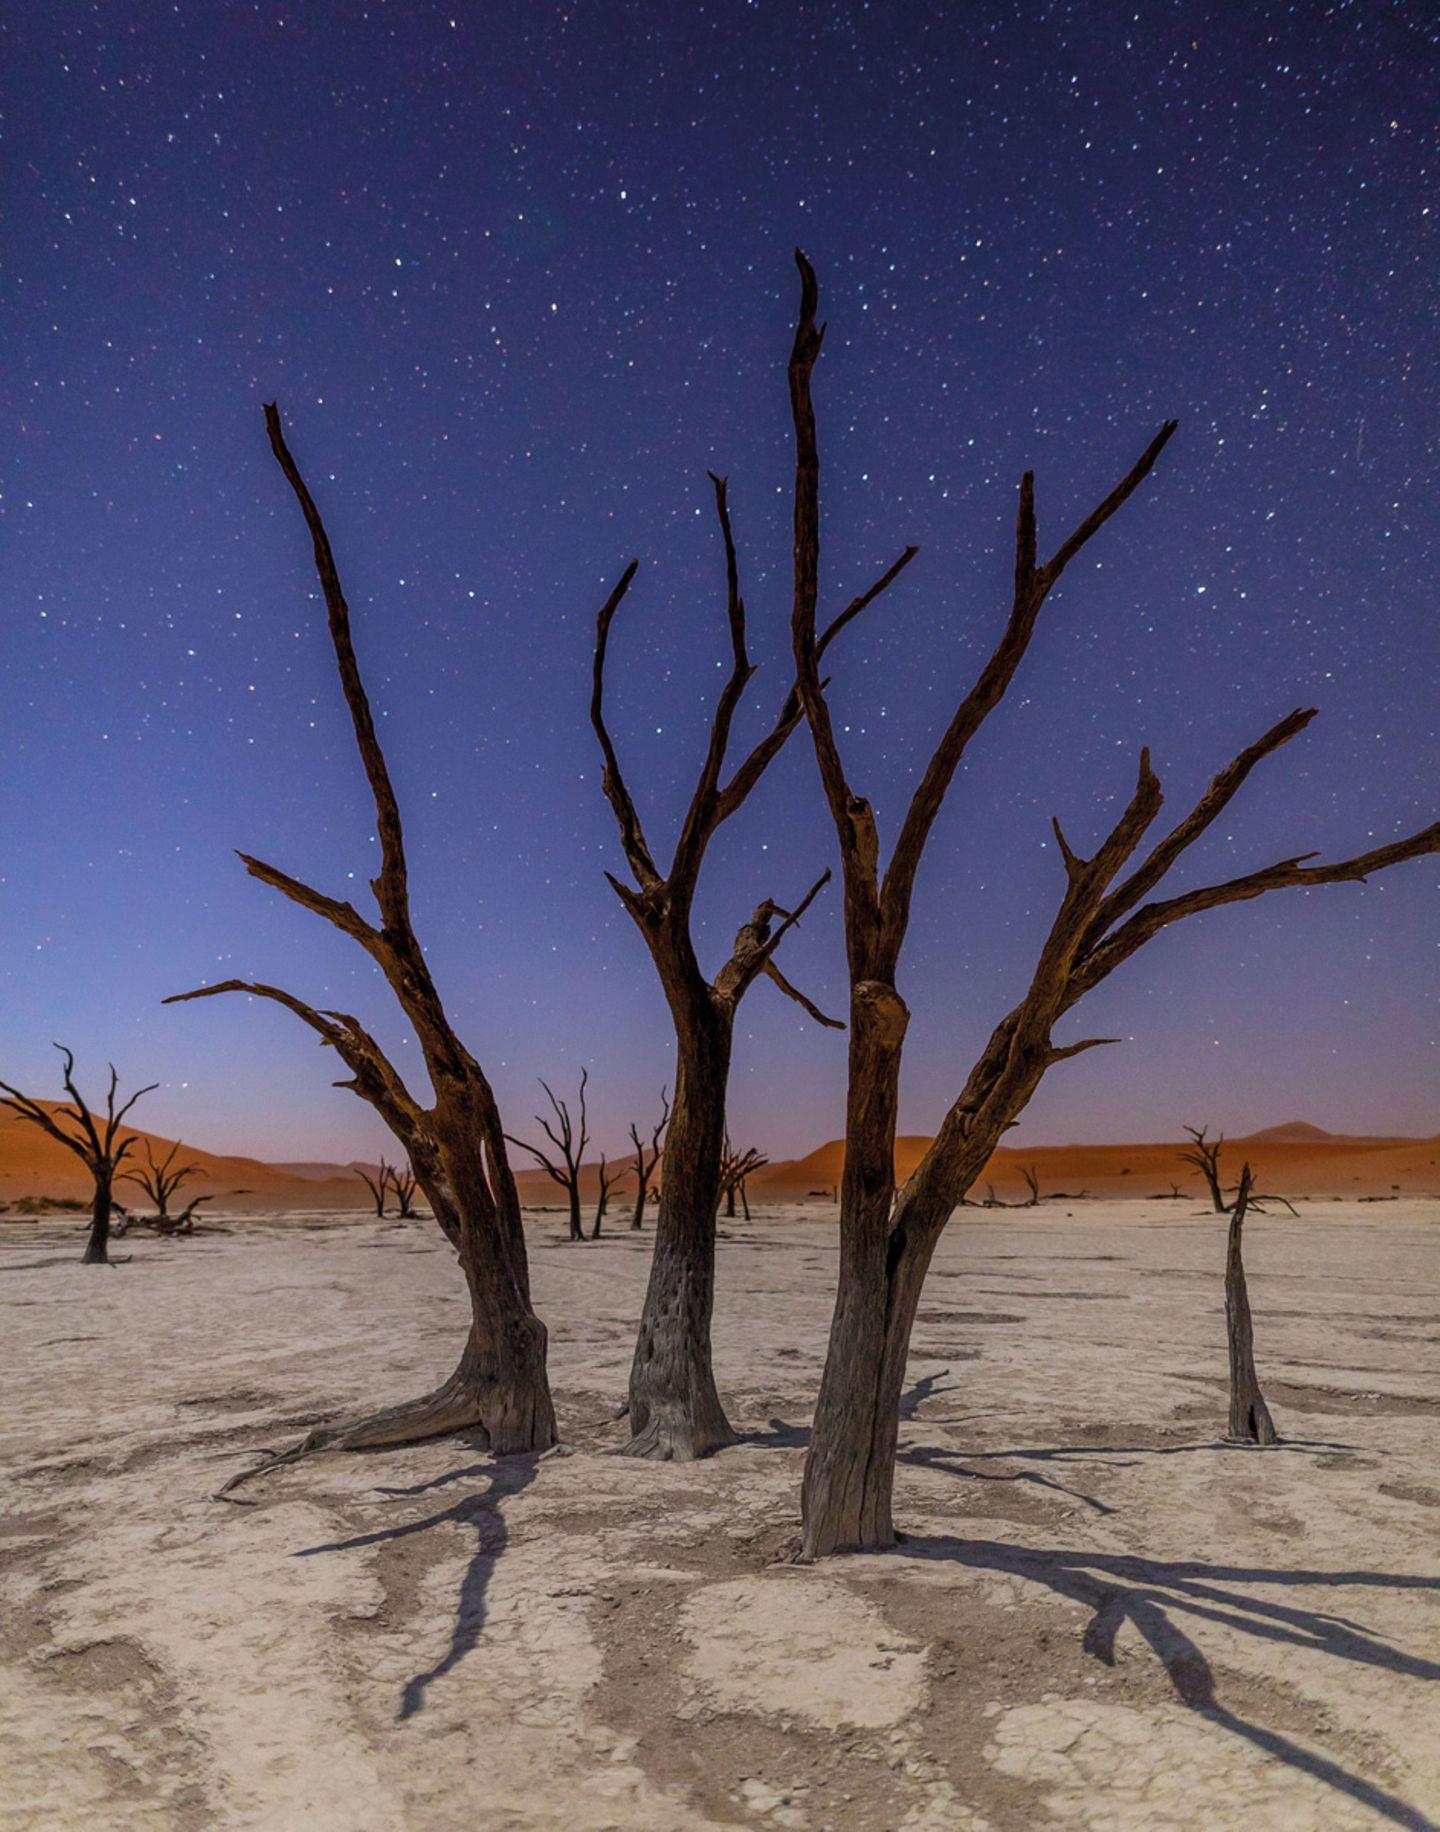 Sterne über versteinerten Kameldornbäumen (Vachellia erioloba), Deadvlei, Namib-Naukluft National Park, Namibia